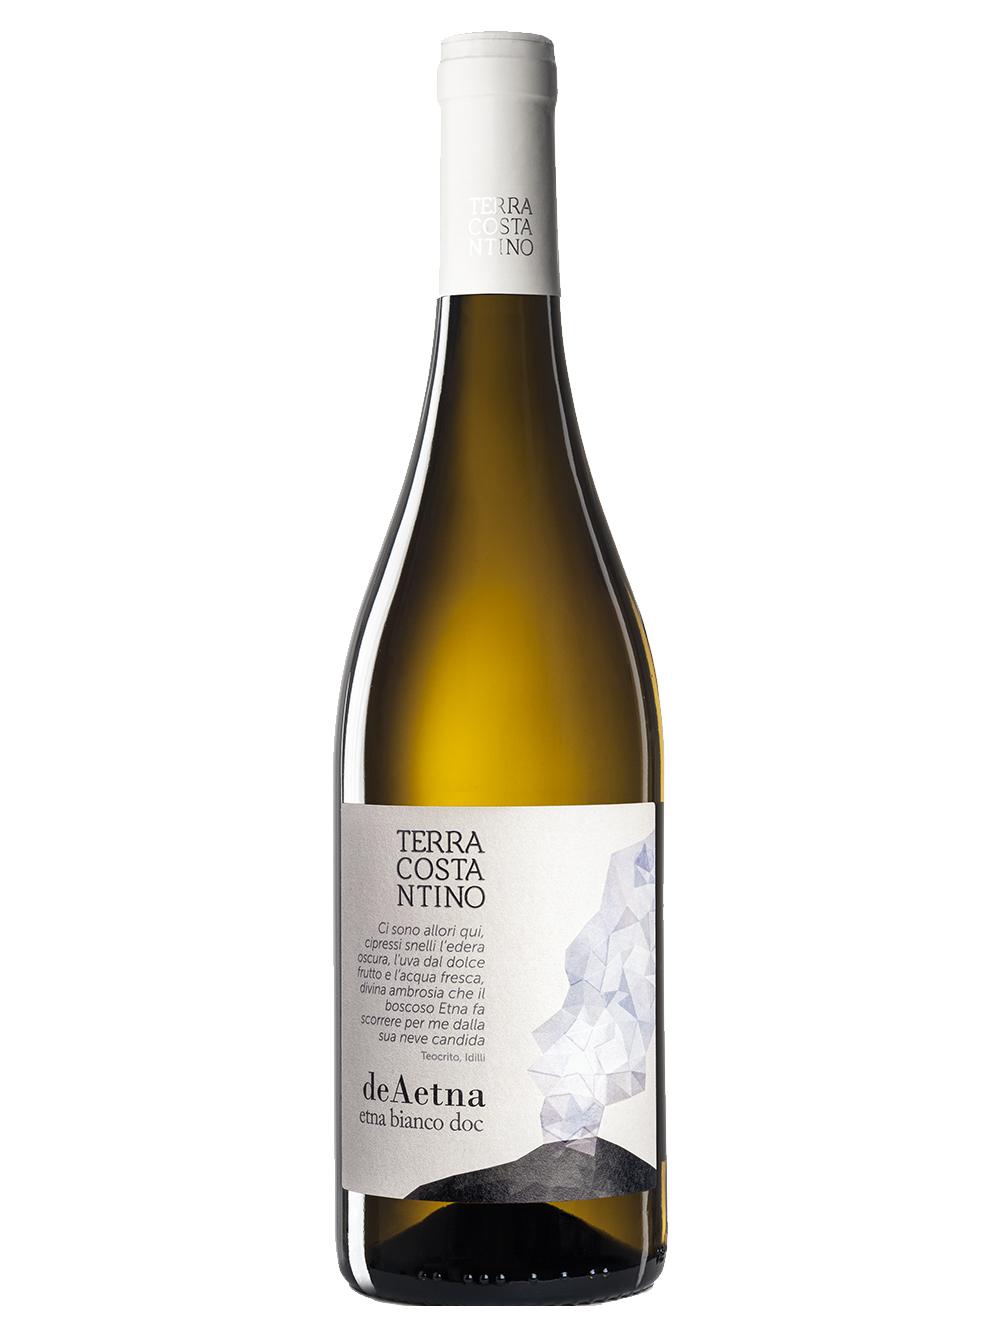 2017 deAetna Etna bianco doc